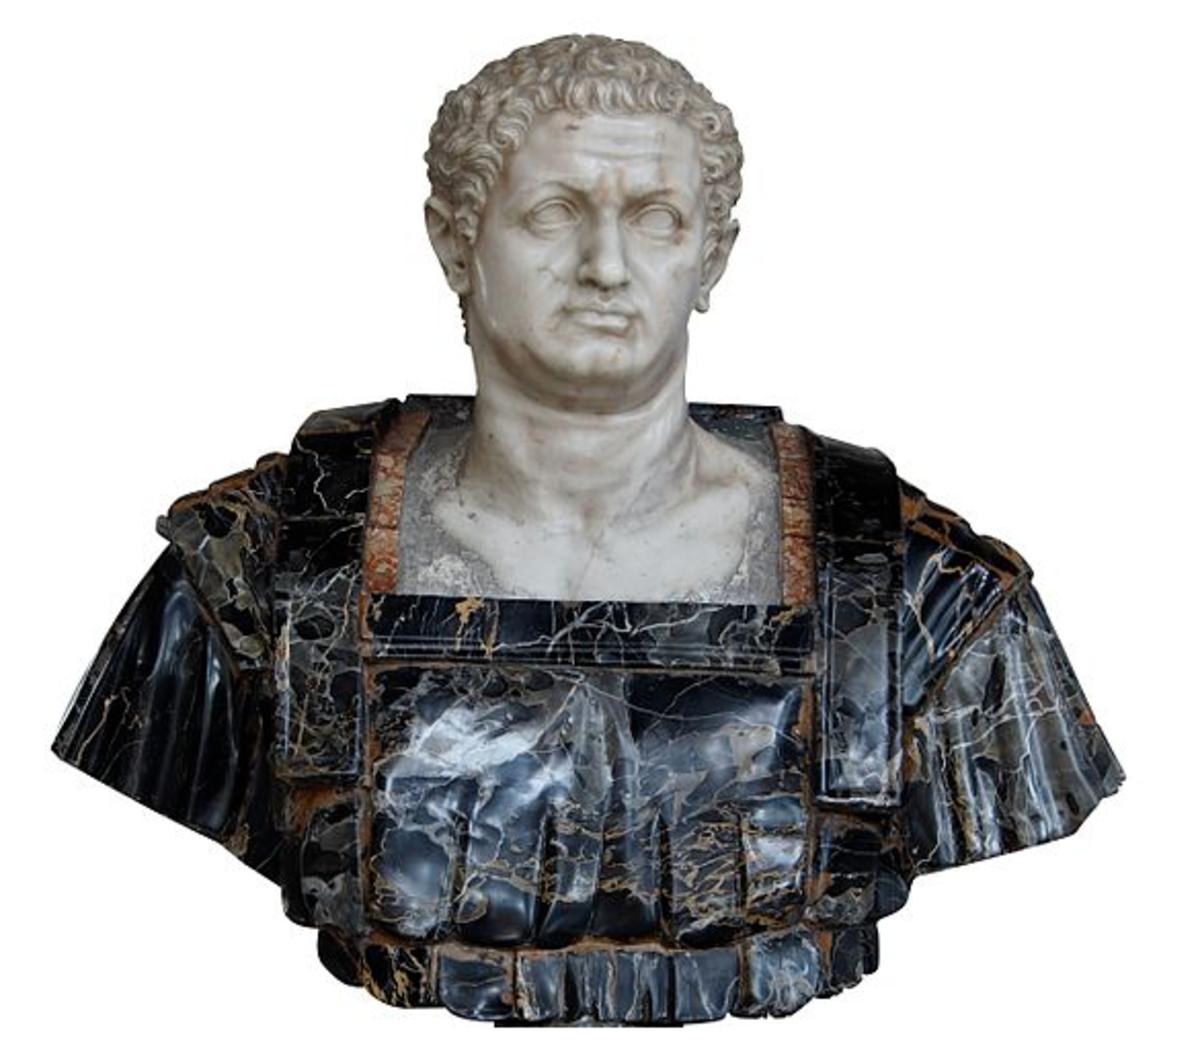 Pompey of Rome